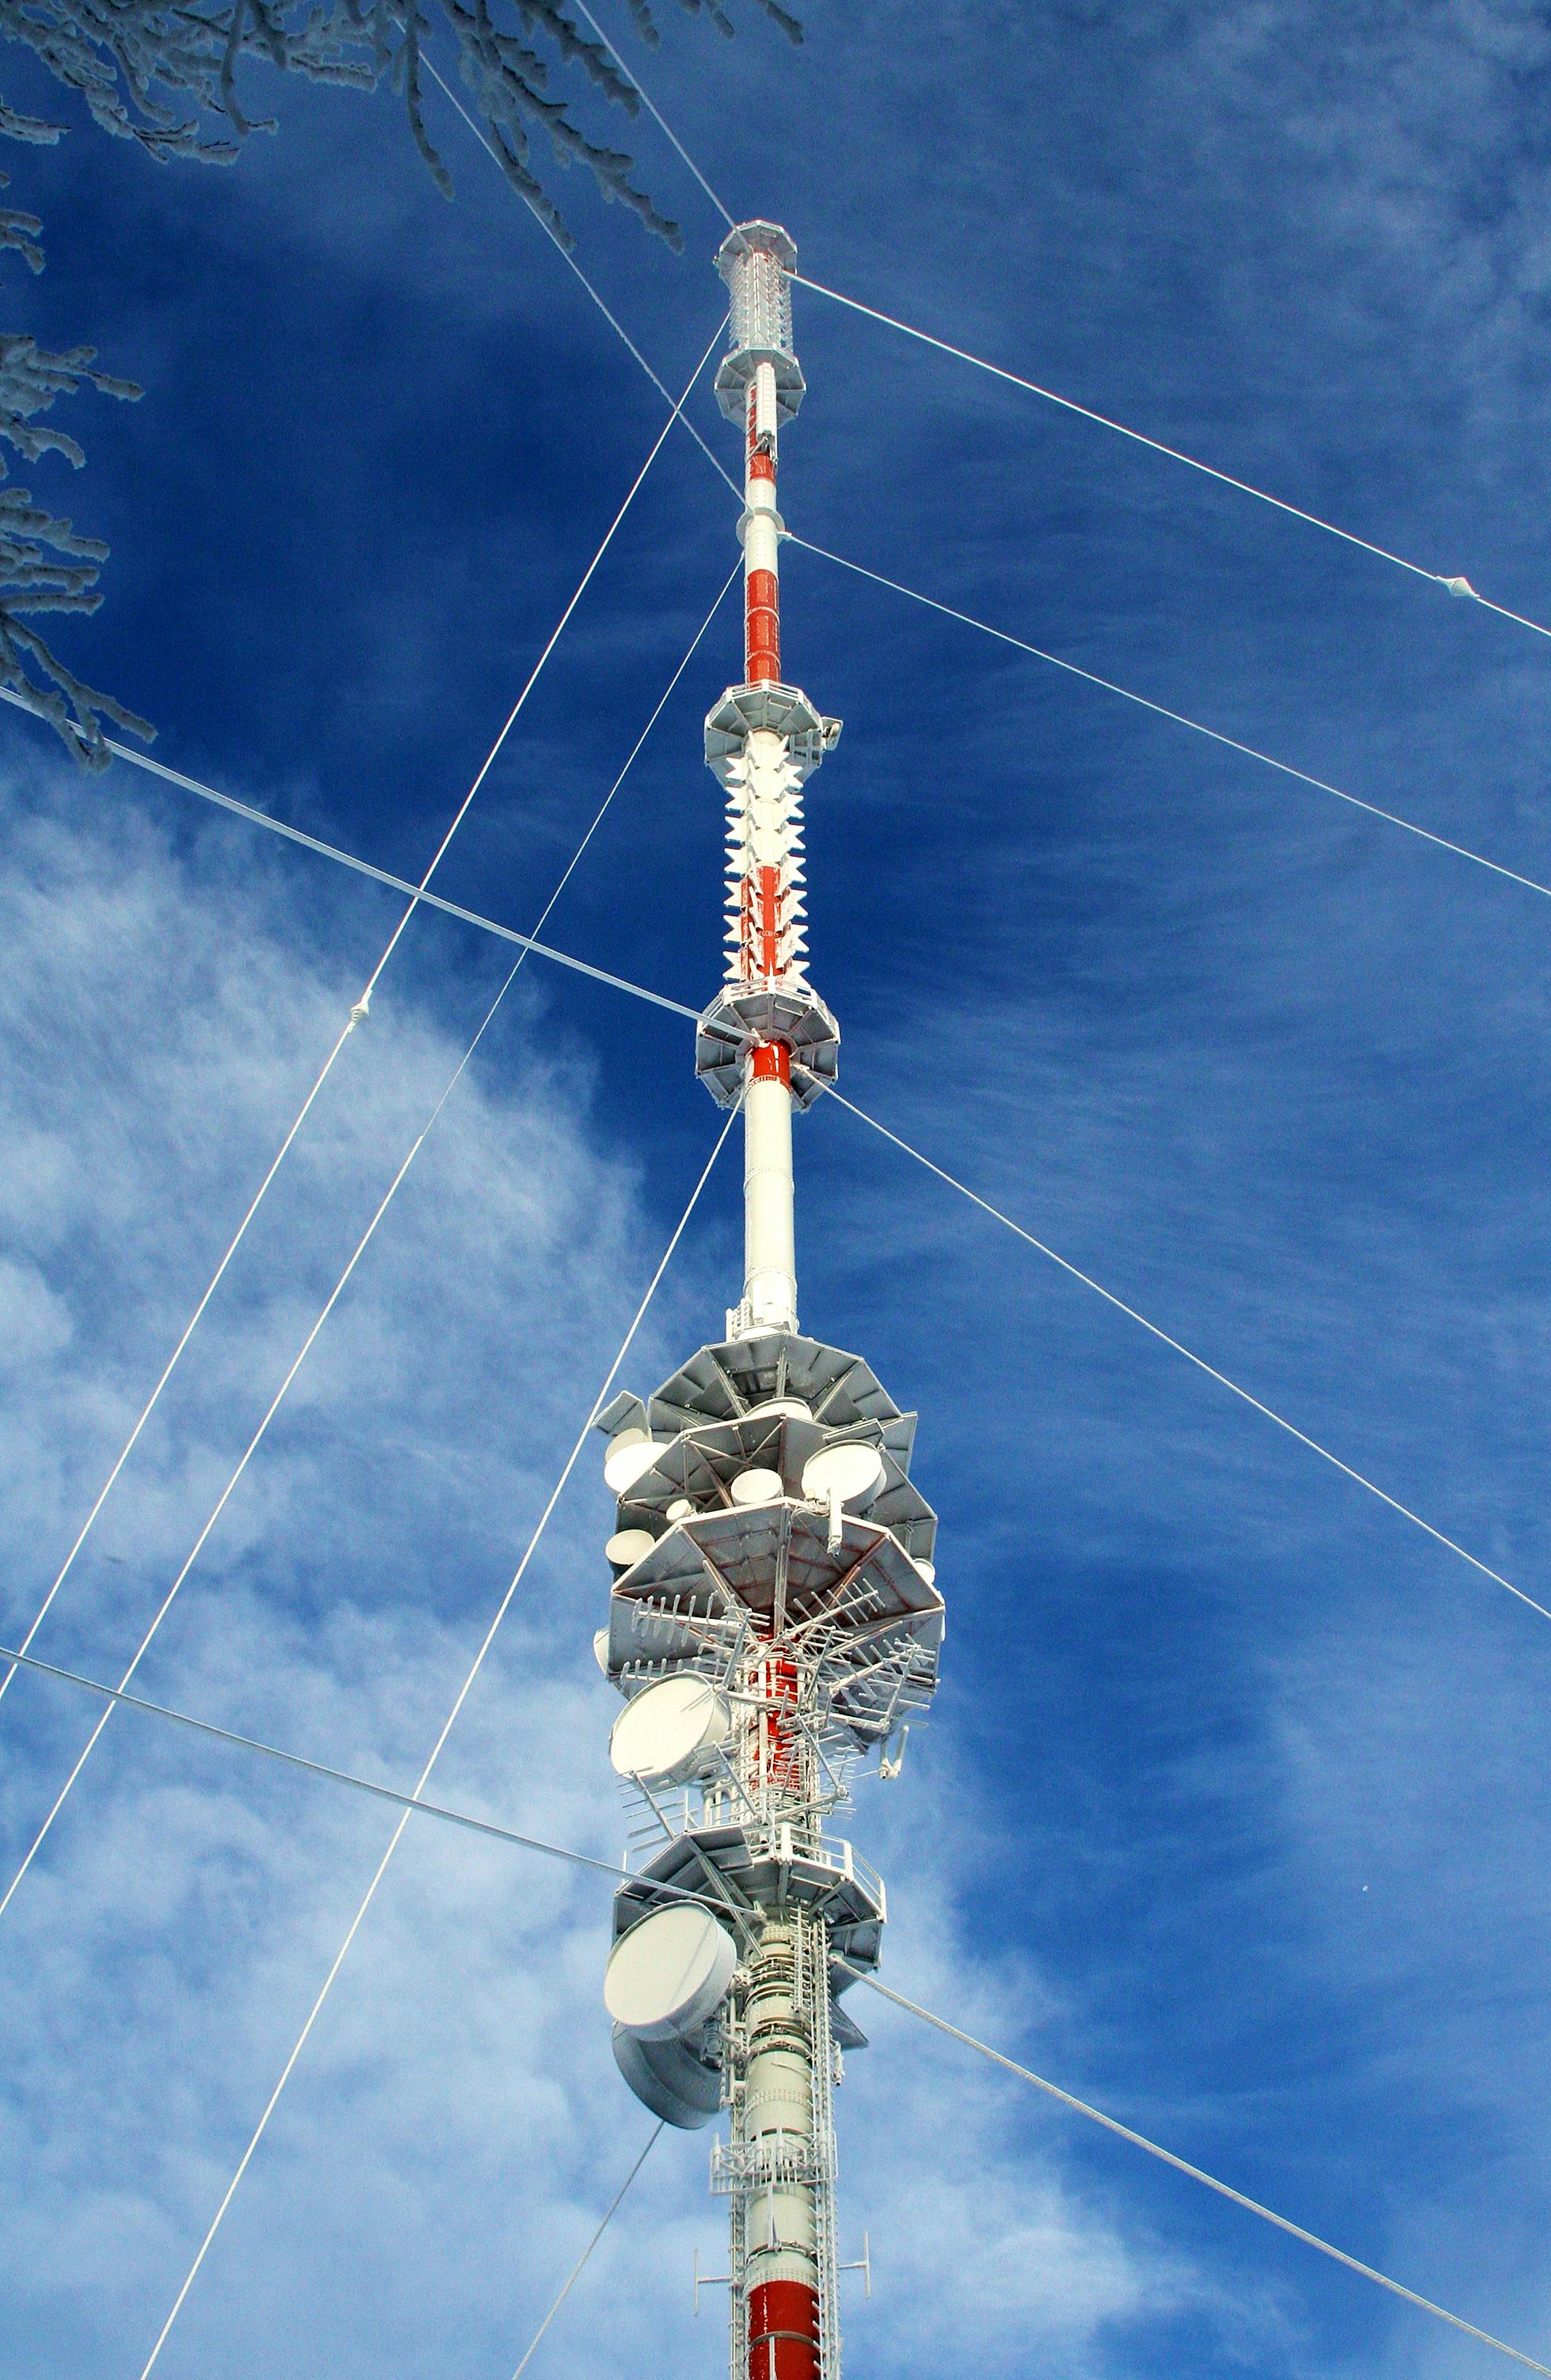 Sender Kreuzberg